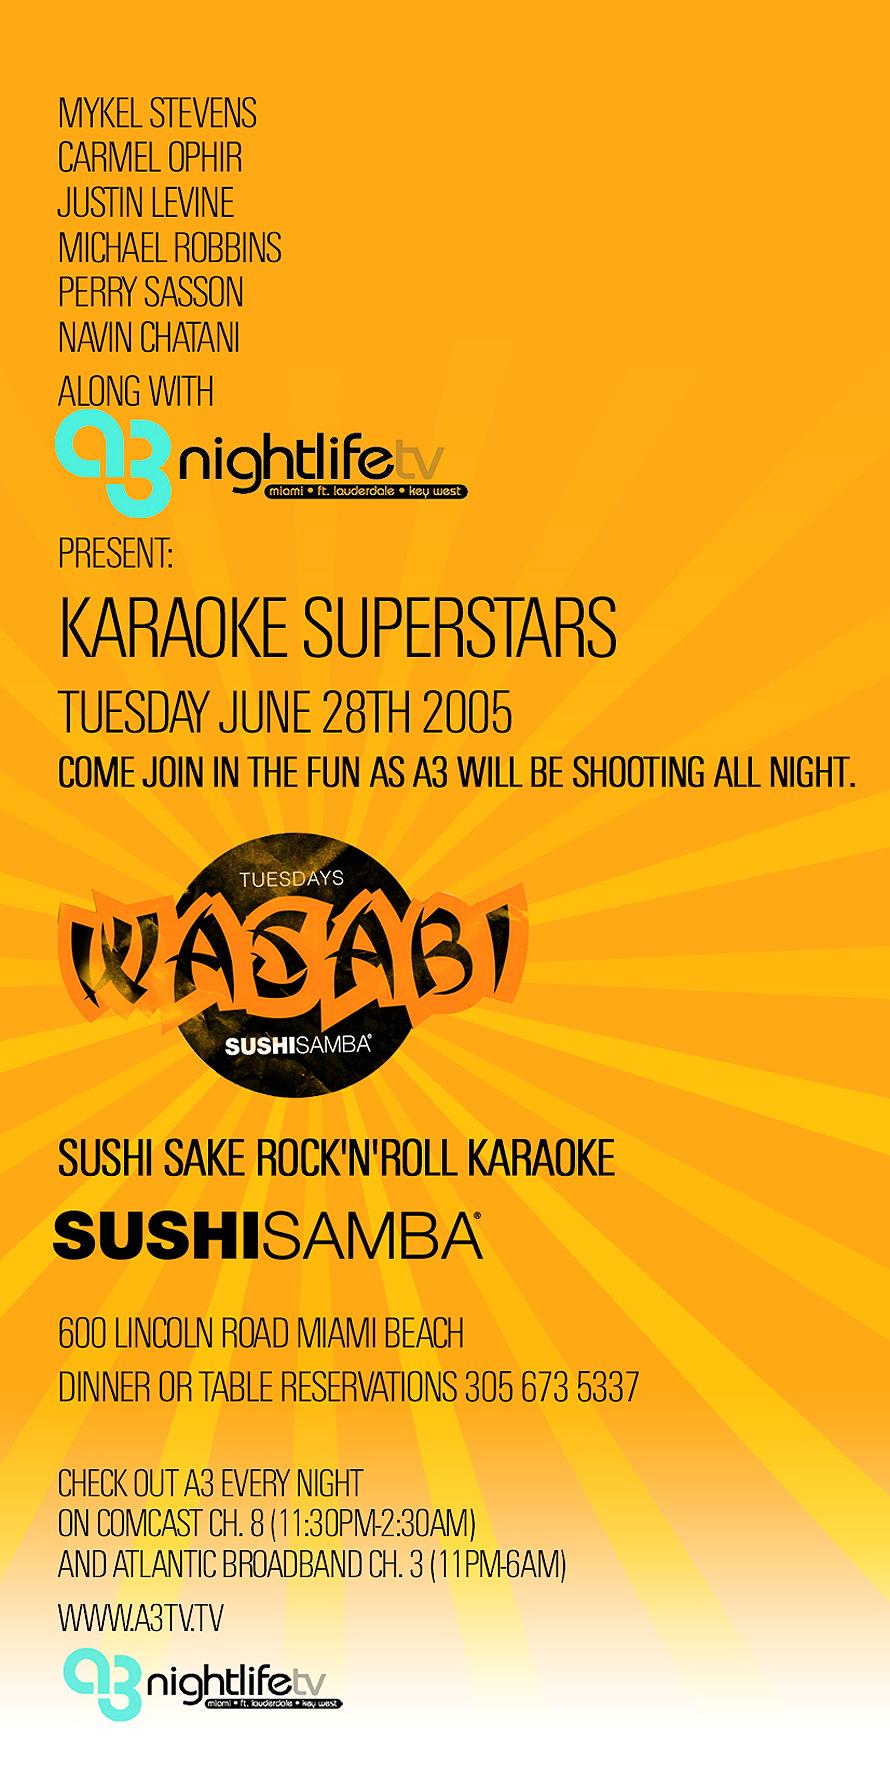 Sushi Samba Wasabi Karaoke